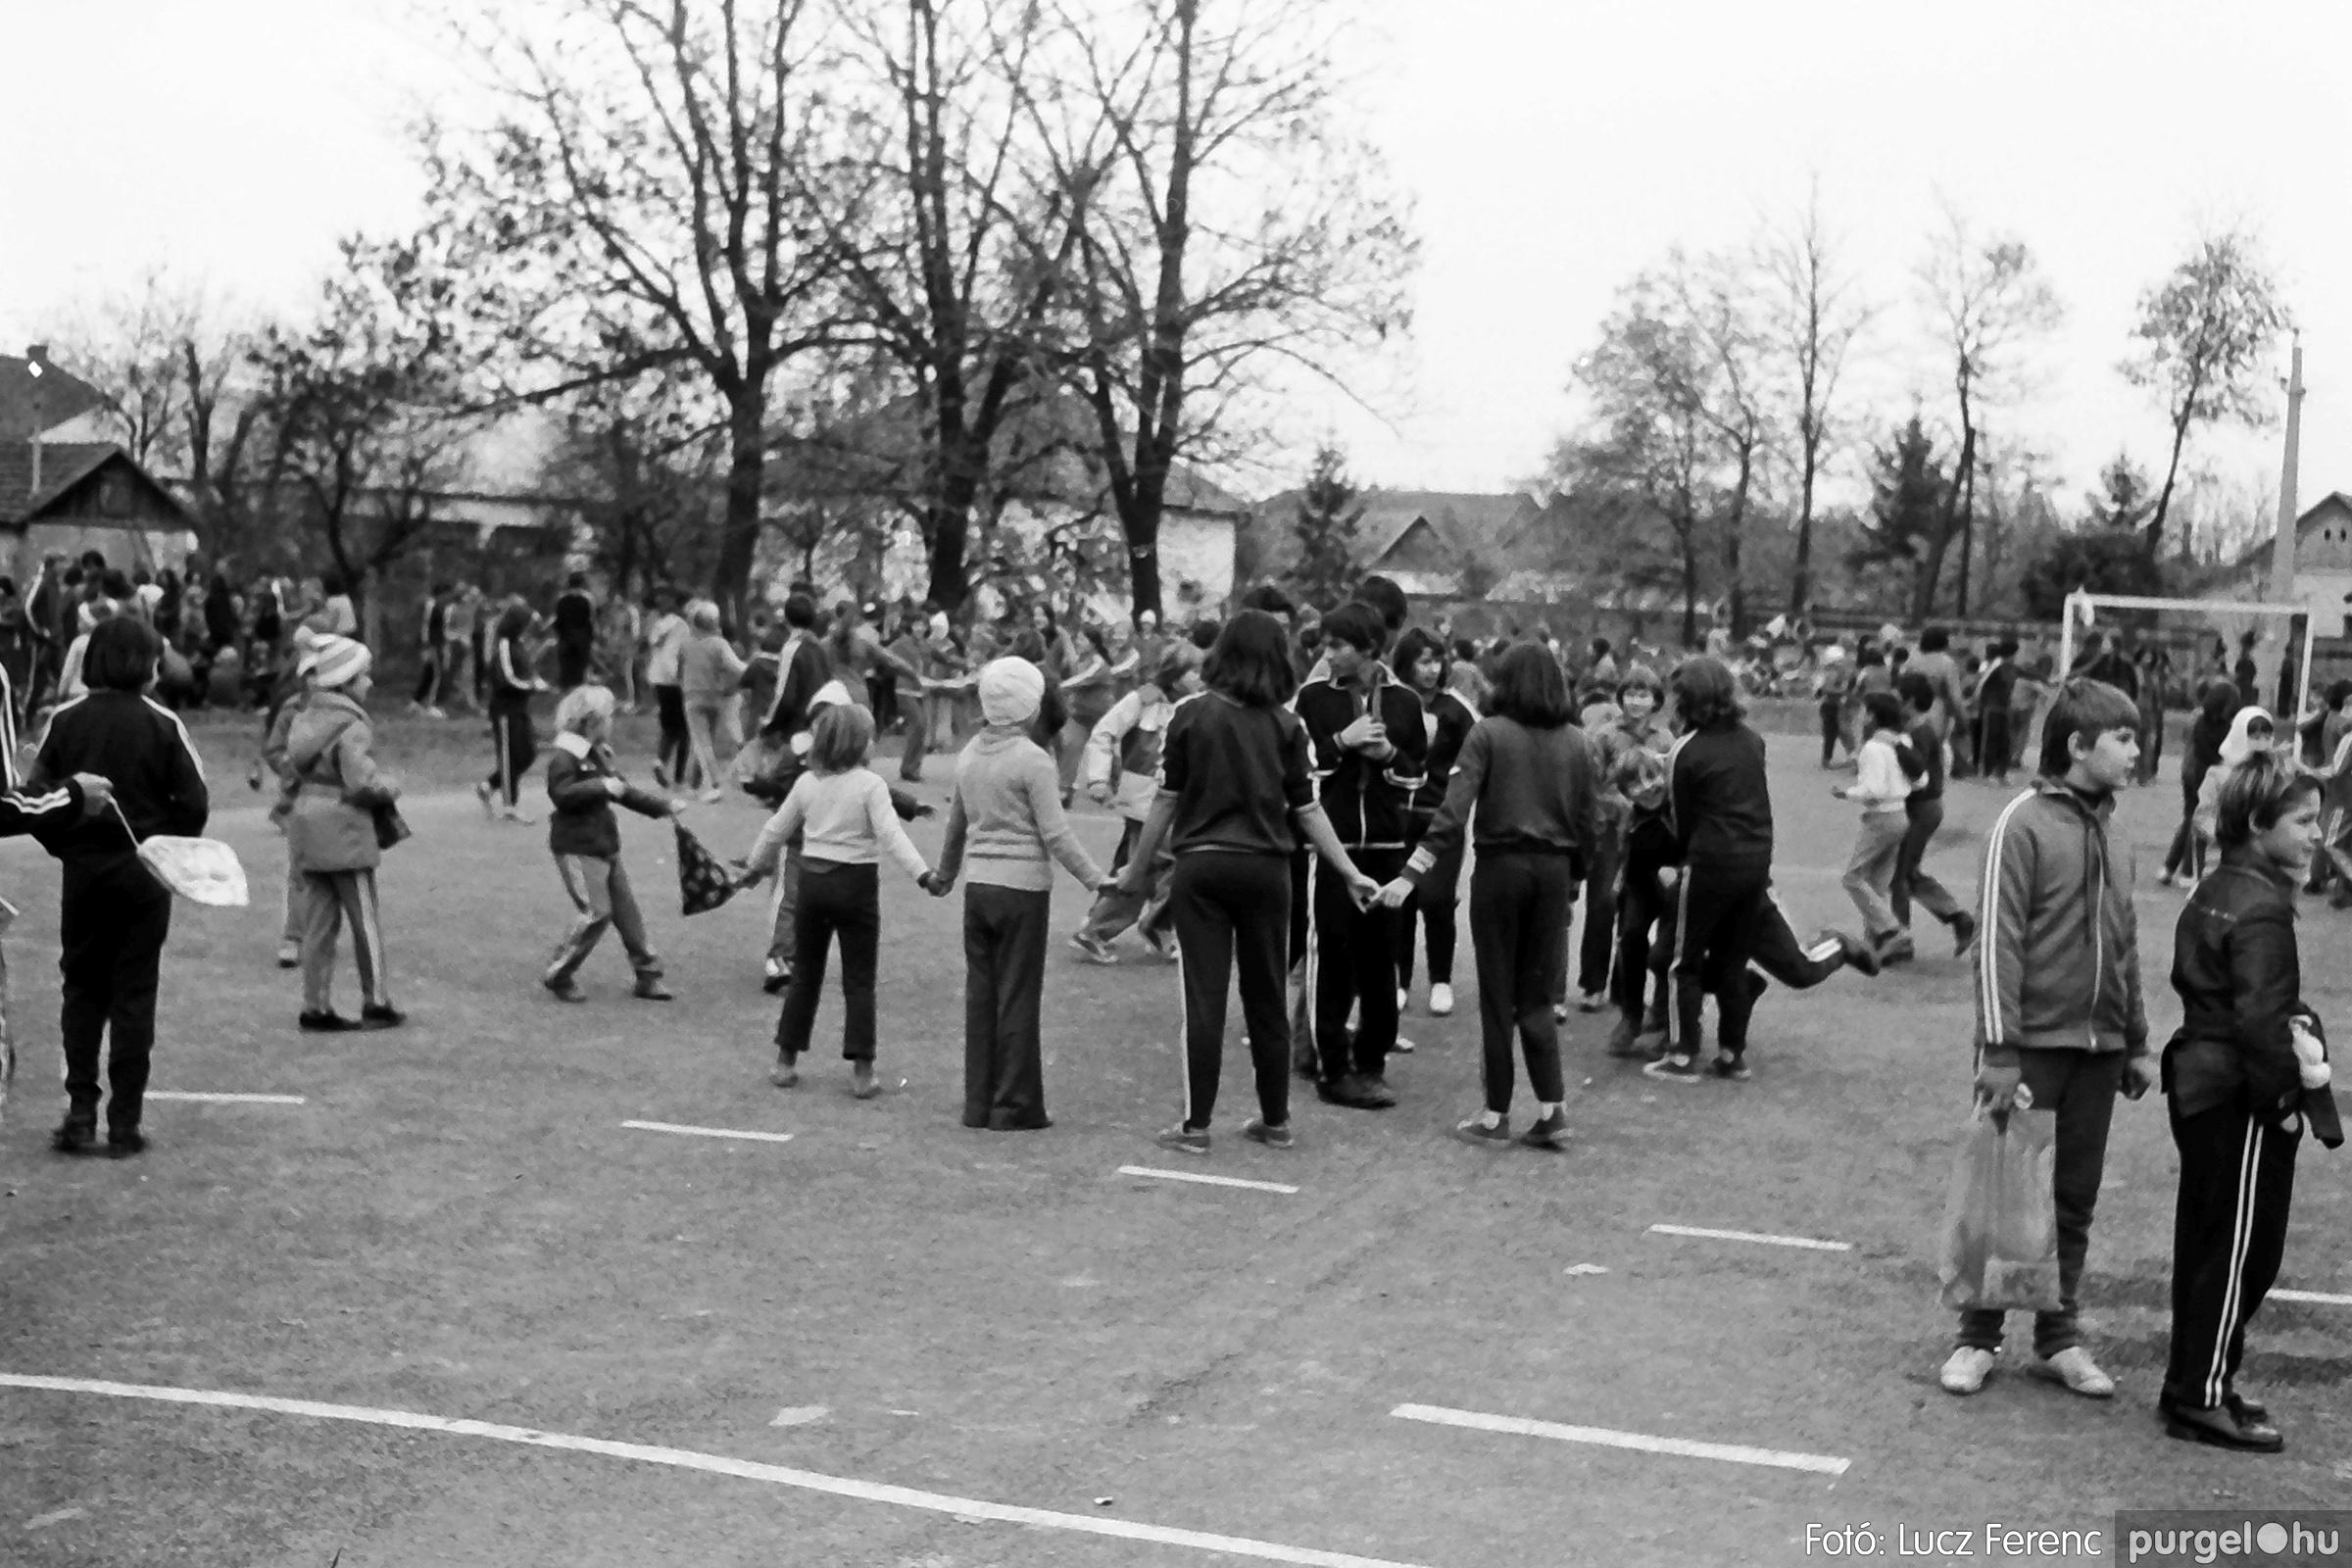 092. 1977. Úttörő rendezvény a Központi Általános Iskolában 018. - Fotó: Lucz Ferenc.jpg